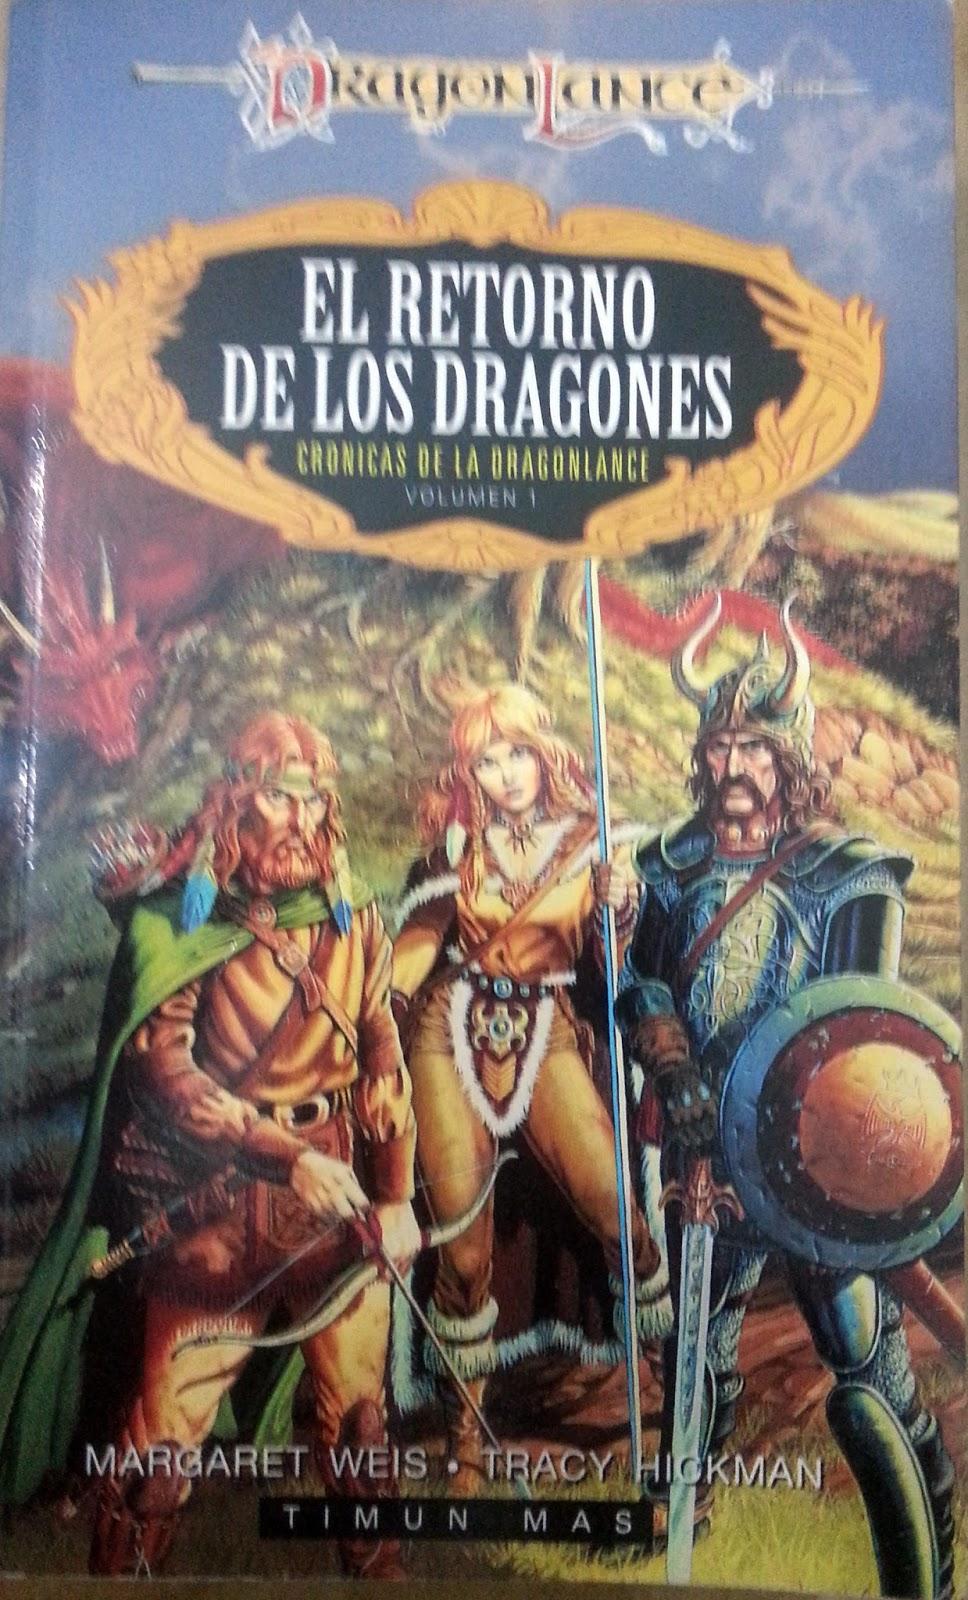 El retorno de los dragones de margaret weis y tracy hickman es la primera parte de la trilog a cr nicas de la dragonlance